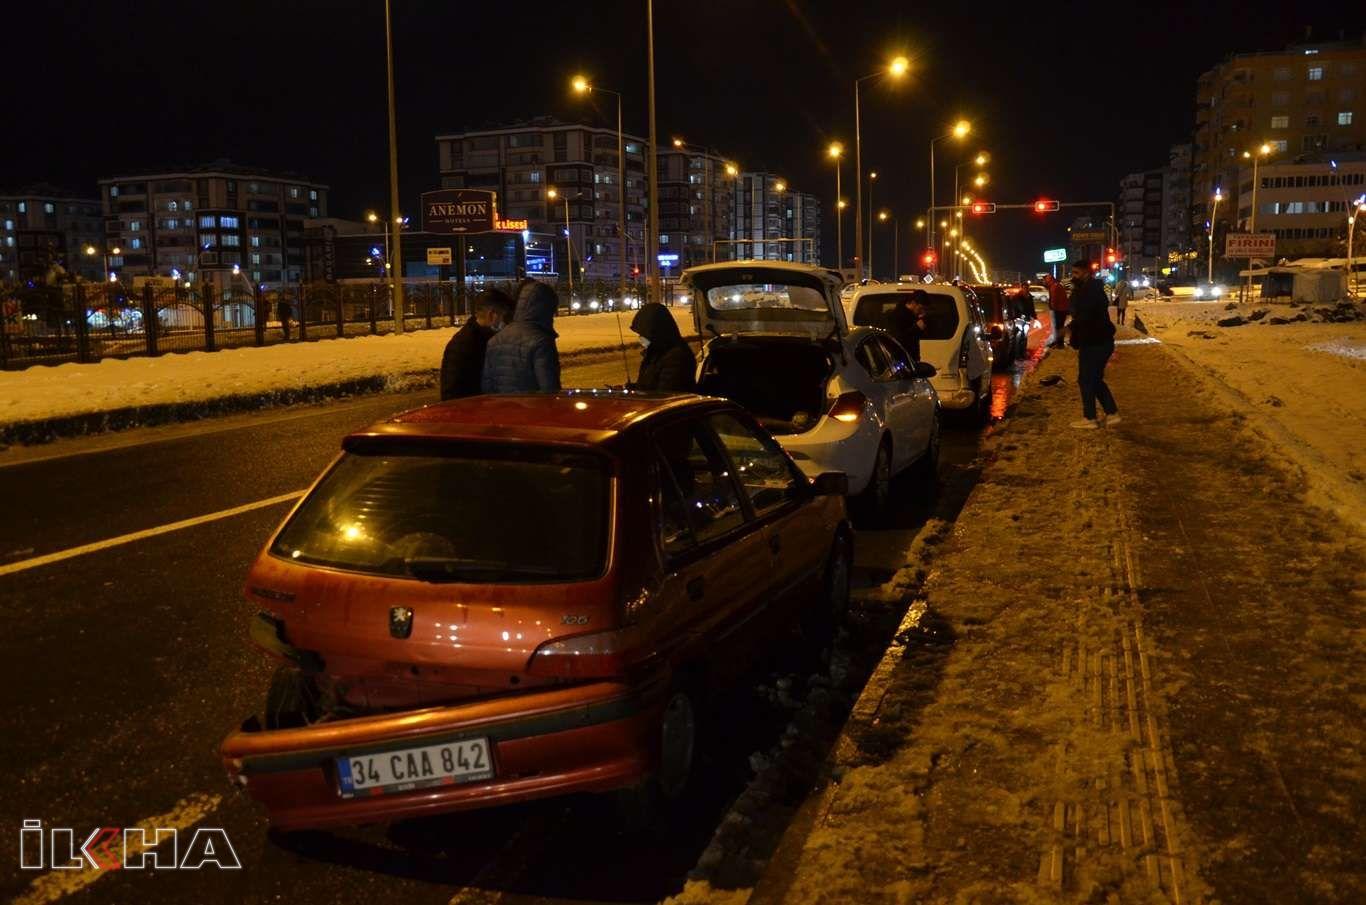 Gizli buzlanma Diyarbakırın birçok noktasında kazaya sebep oldu